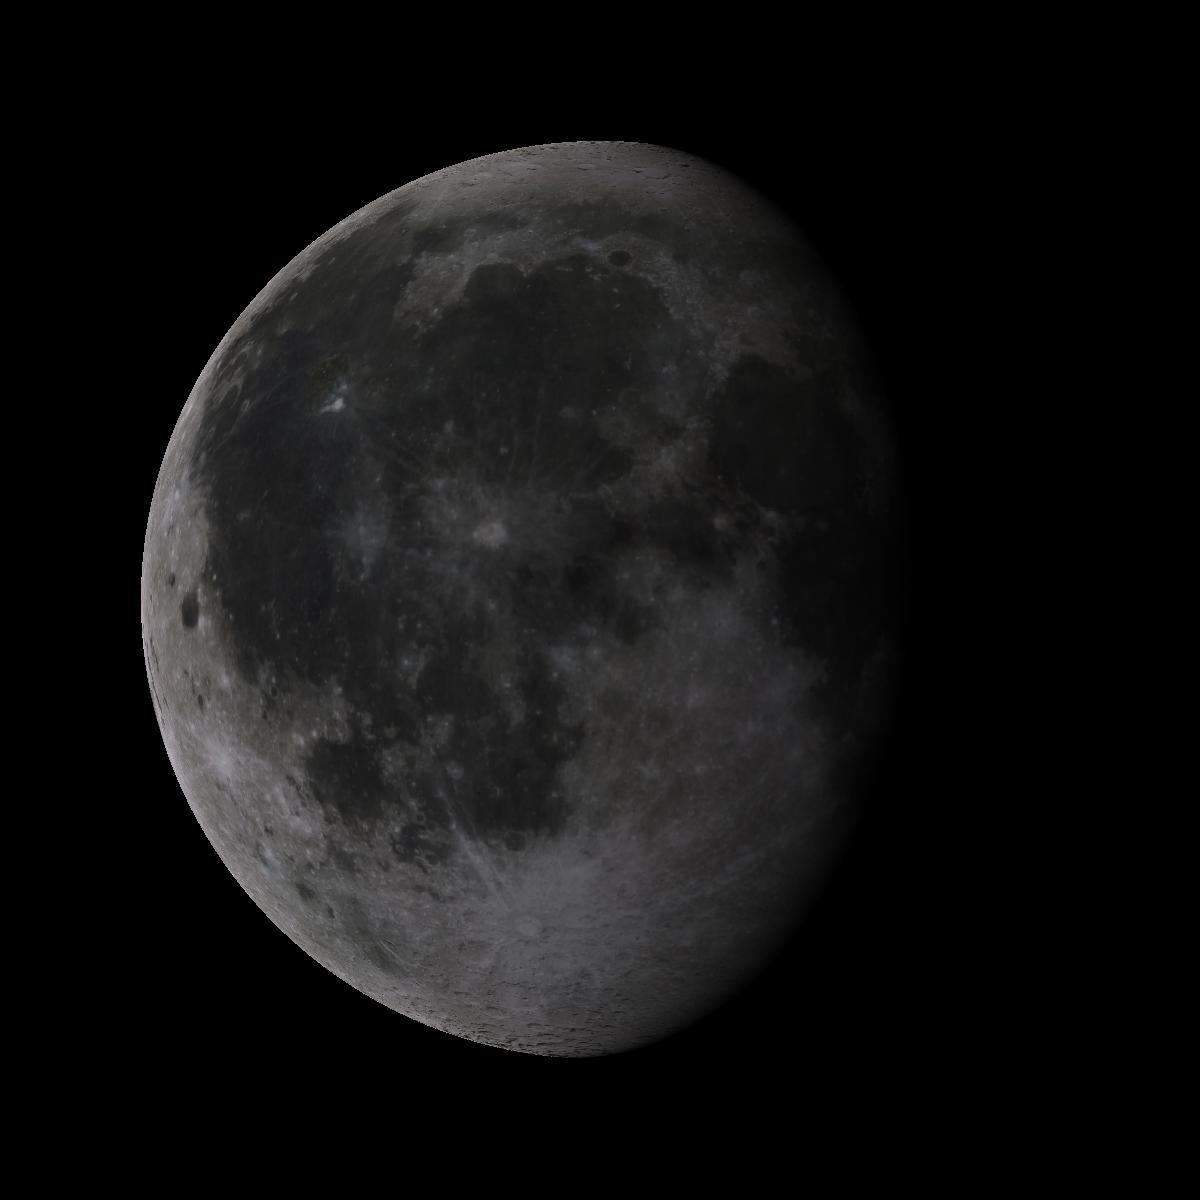 Lune du 18 octobre 2019